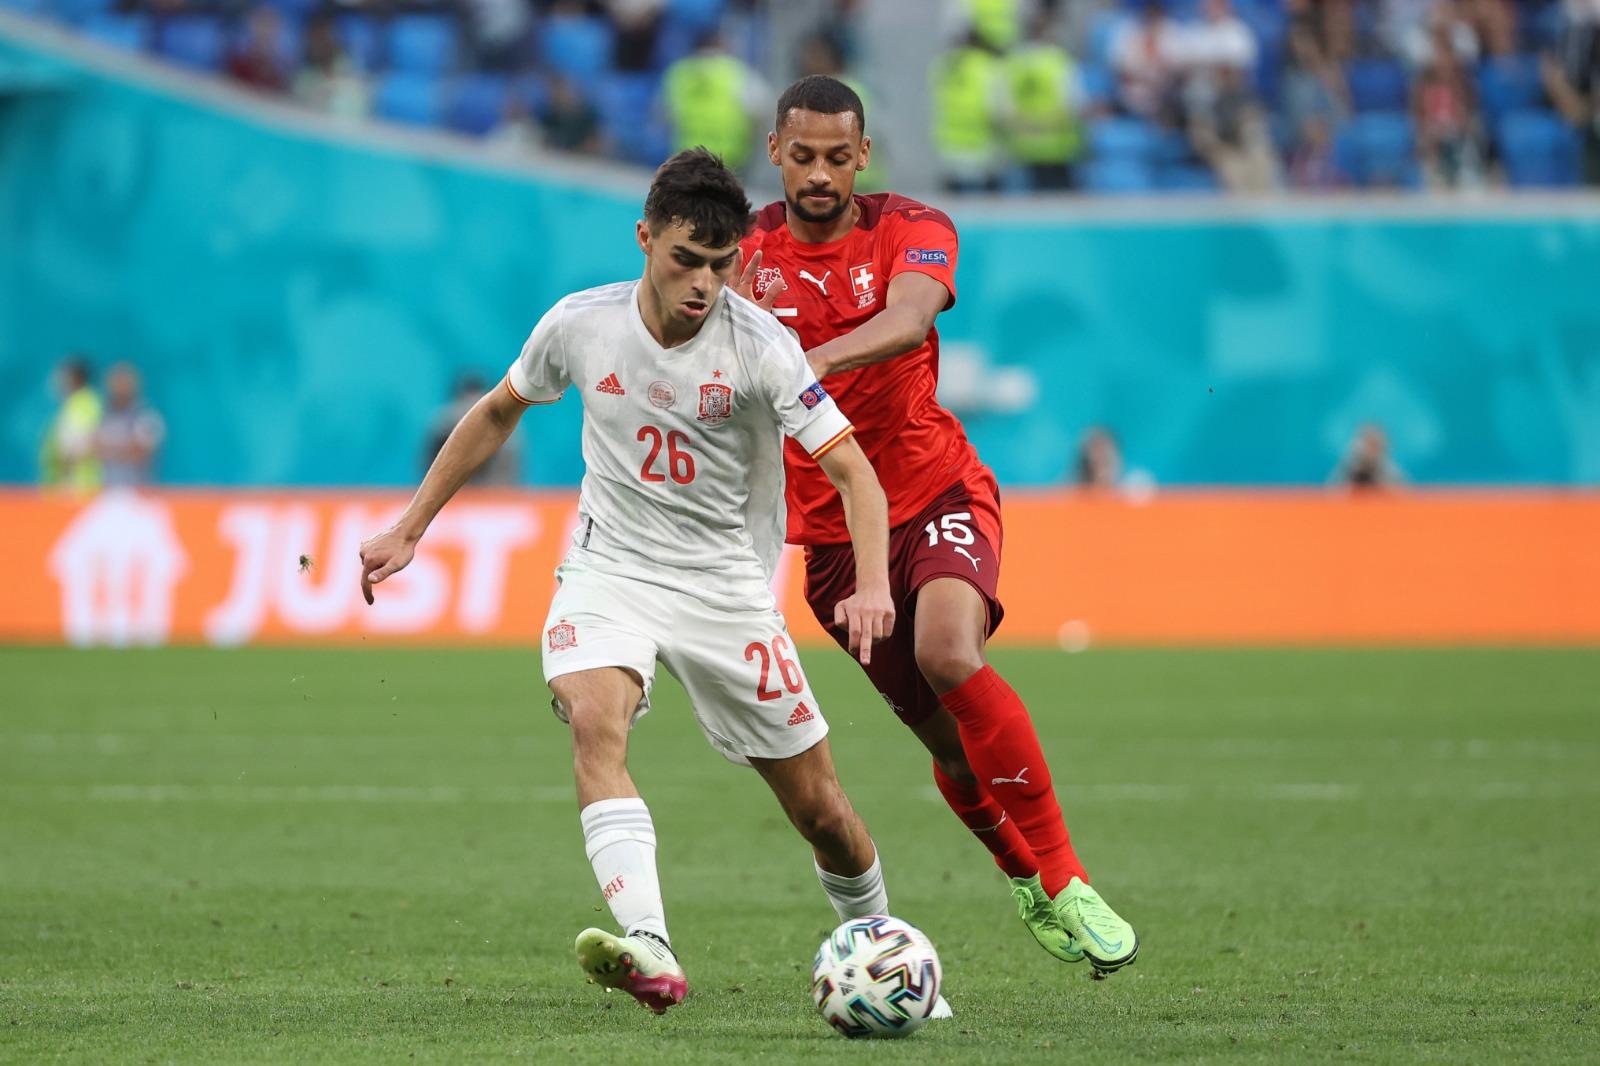 Pedri (No. 26) menggiring bola di perempat final yang membuat Spanyol mengalahkan Swiss.  Foto: RFEF